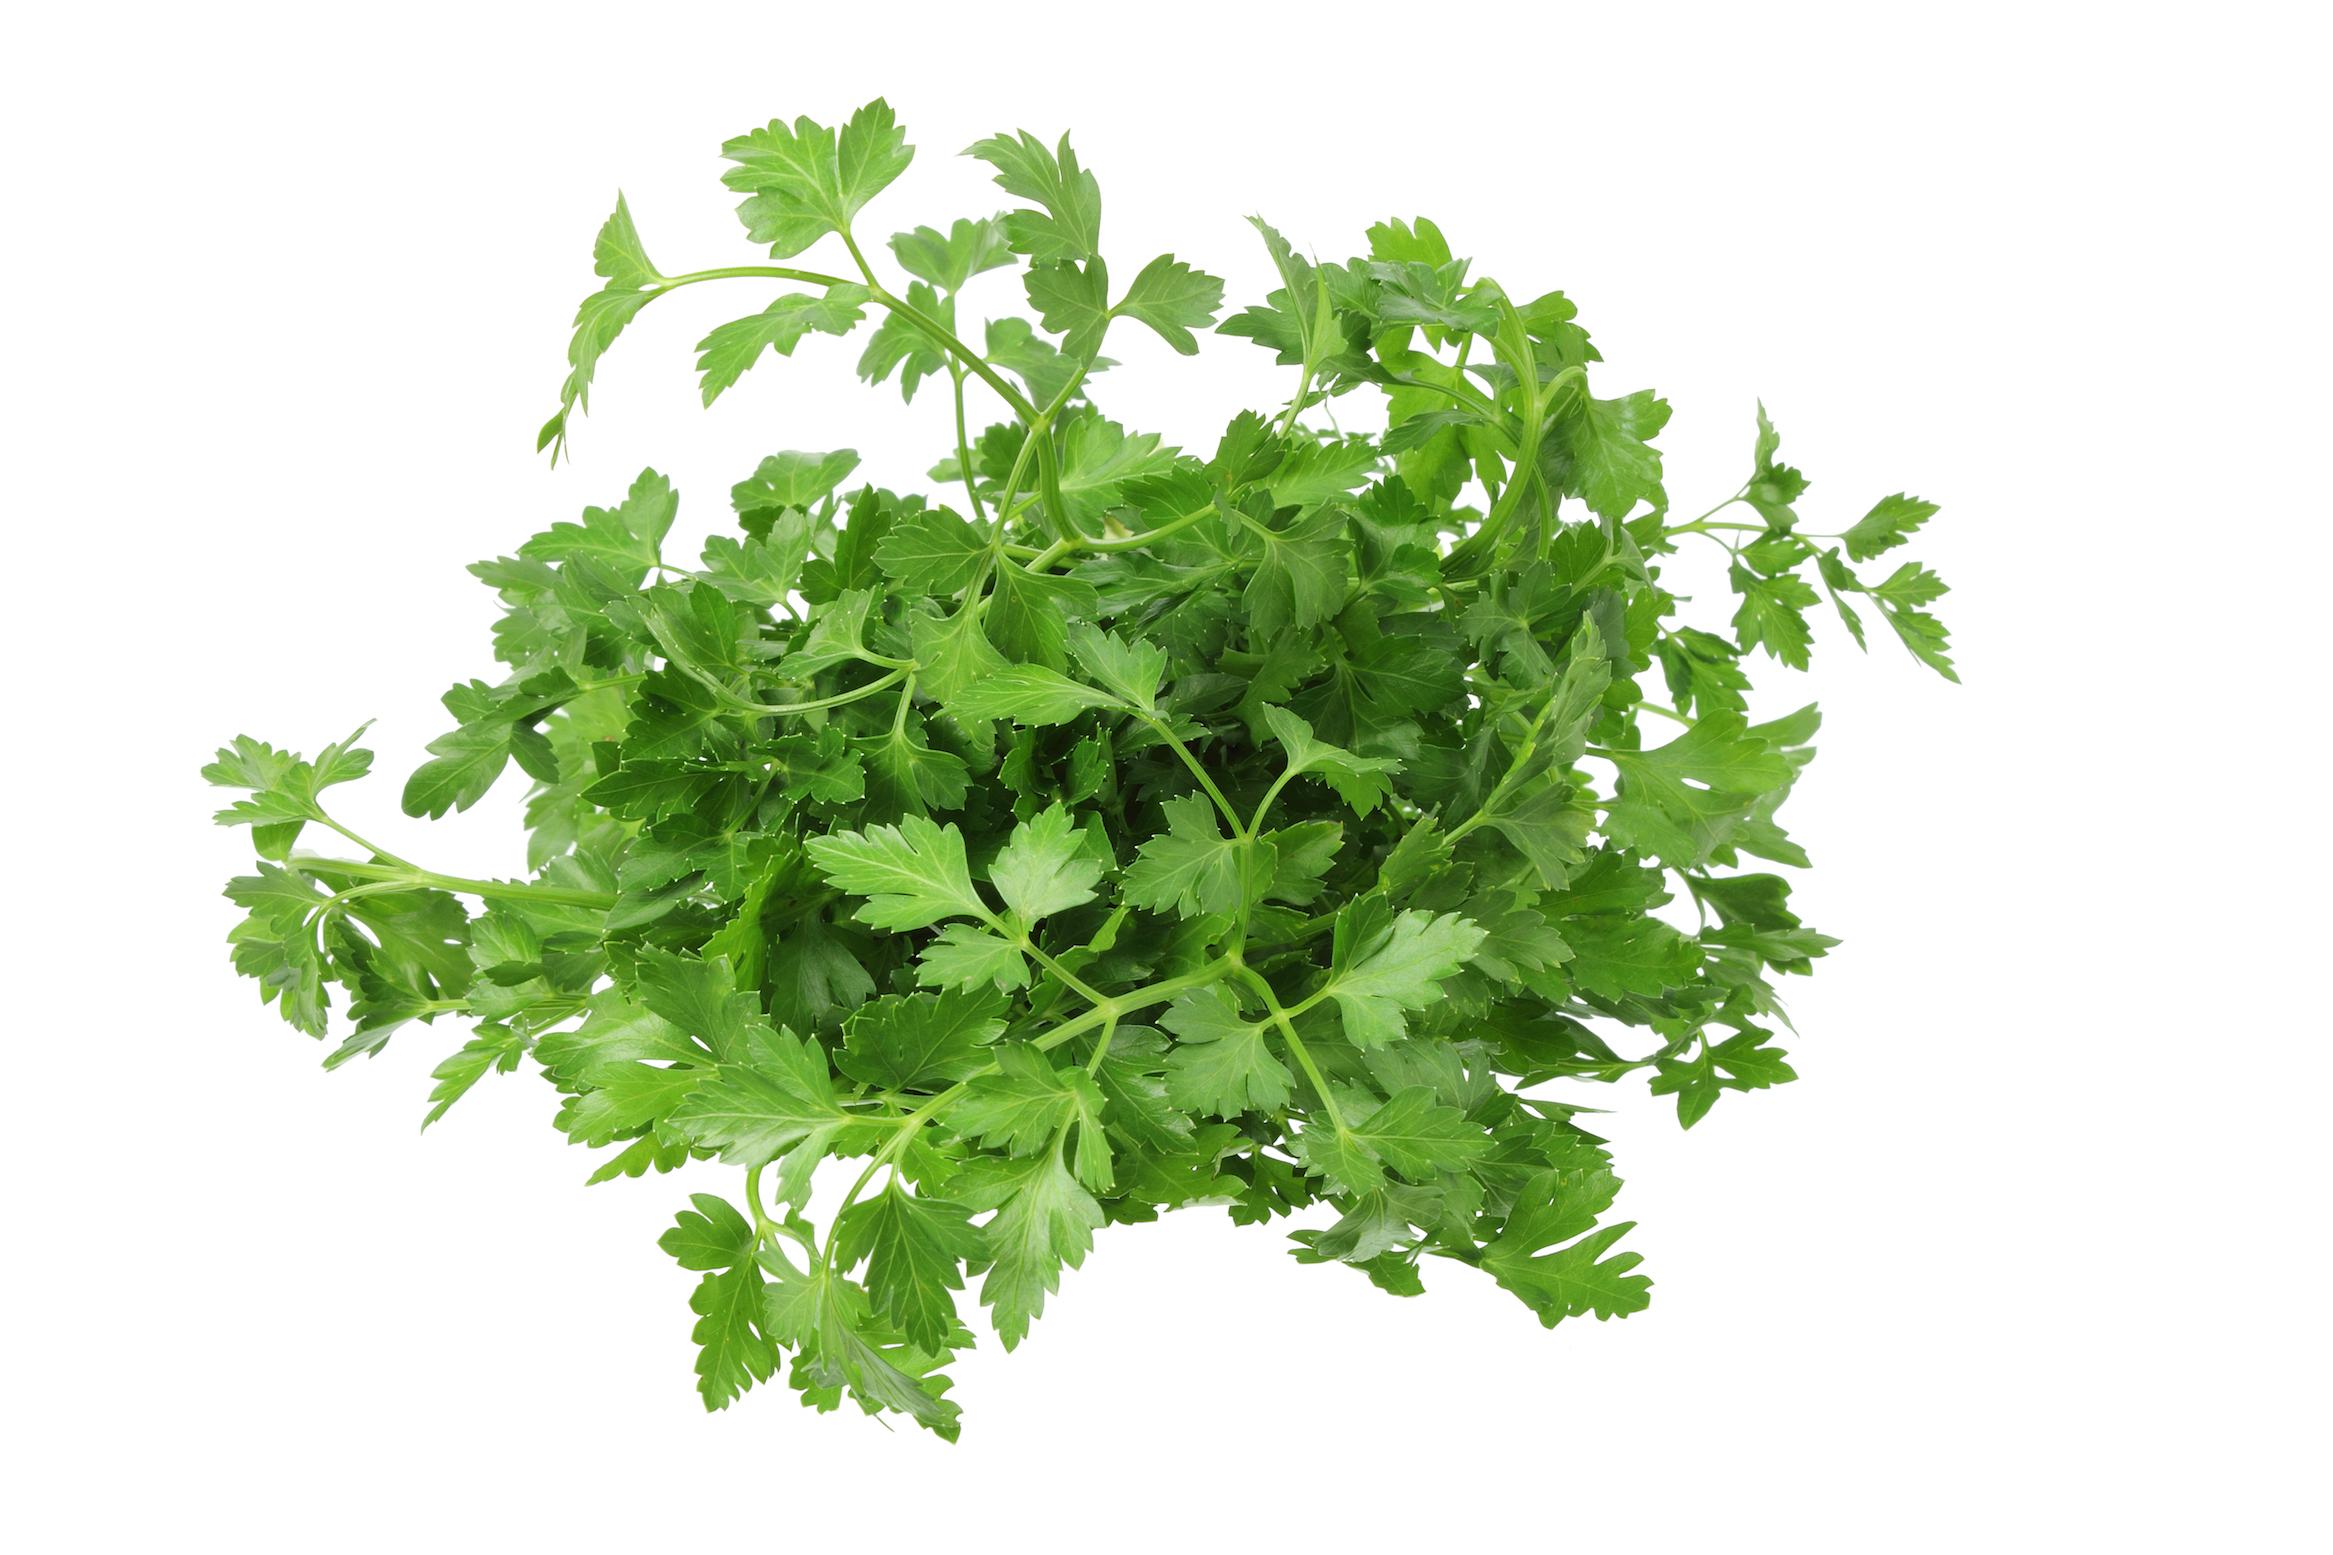 ramitas-de perrejil-fresco-conimento-de-cocina-natural-d-hogar-sostenible-y-ecologico